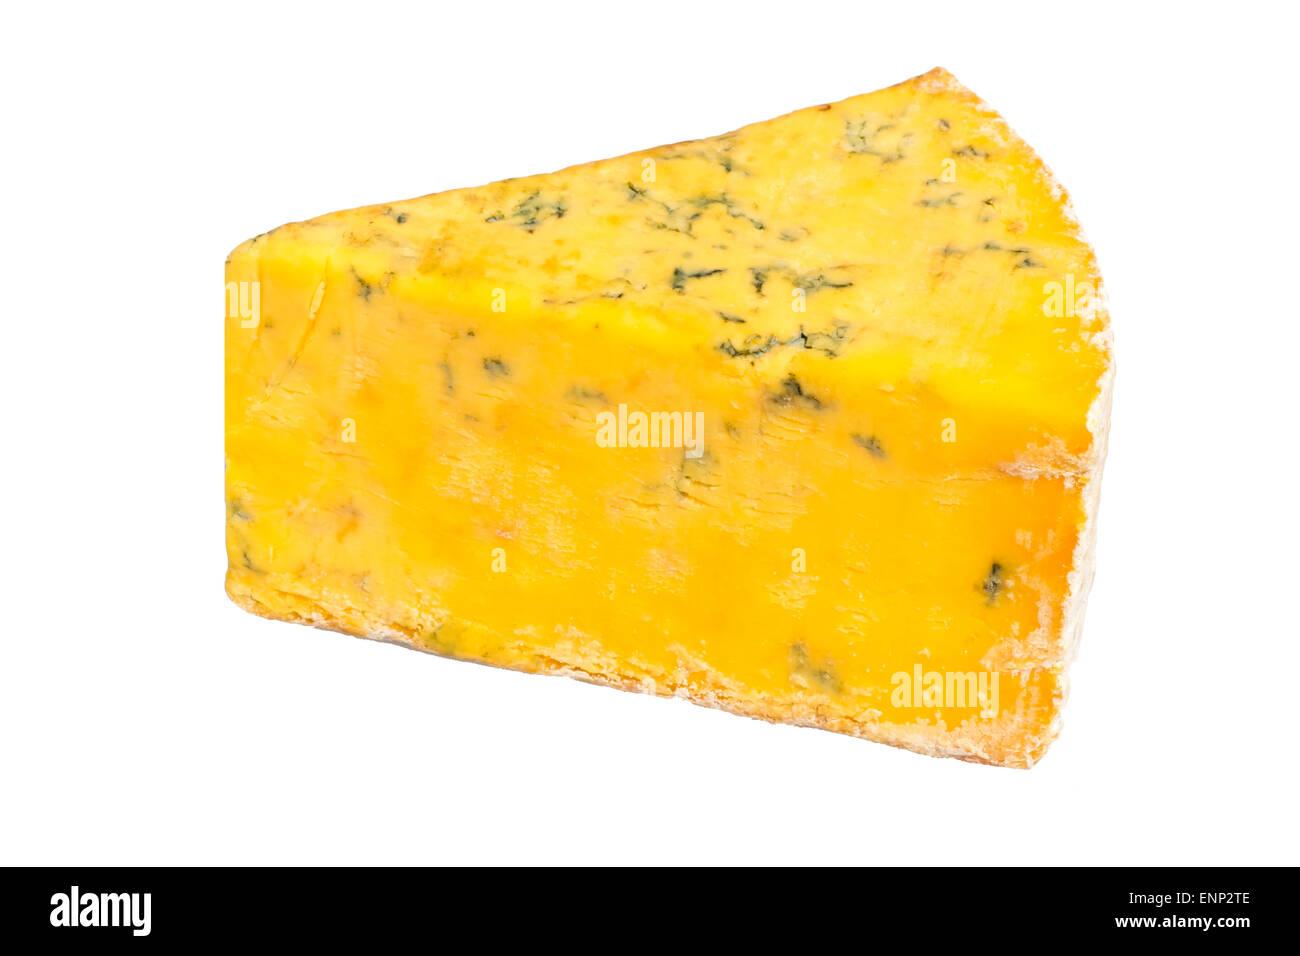 Shropshire blue cheese tagliati o isolato su uno sfondo bianco, UK. Immagini Stock